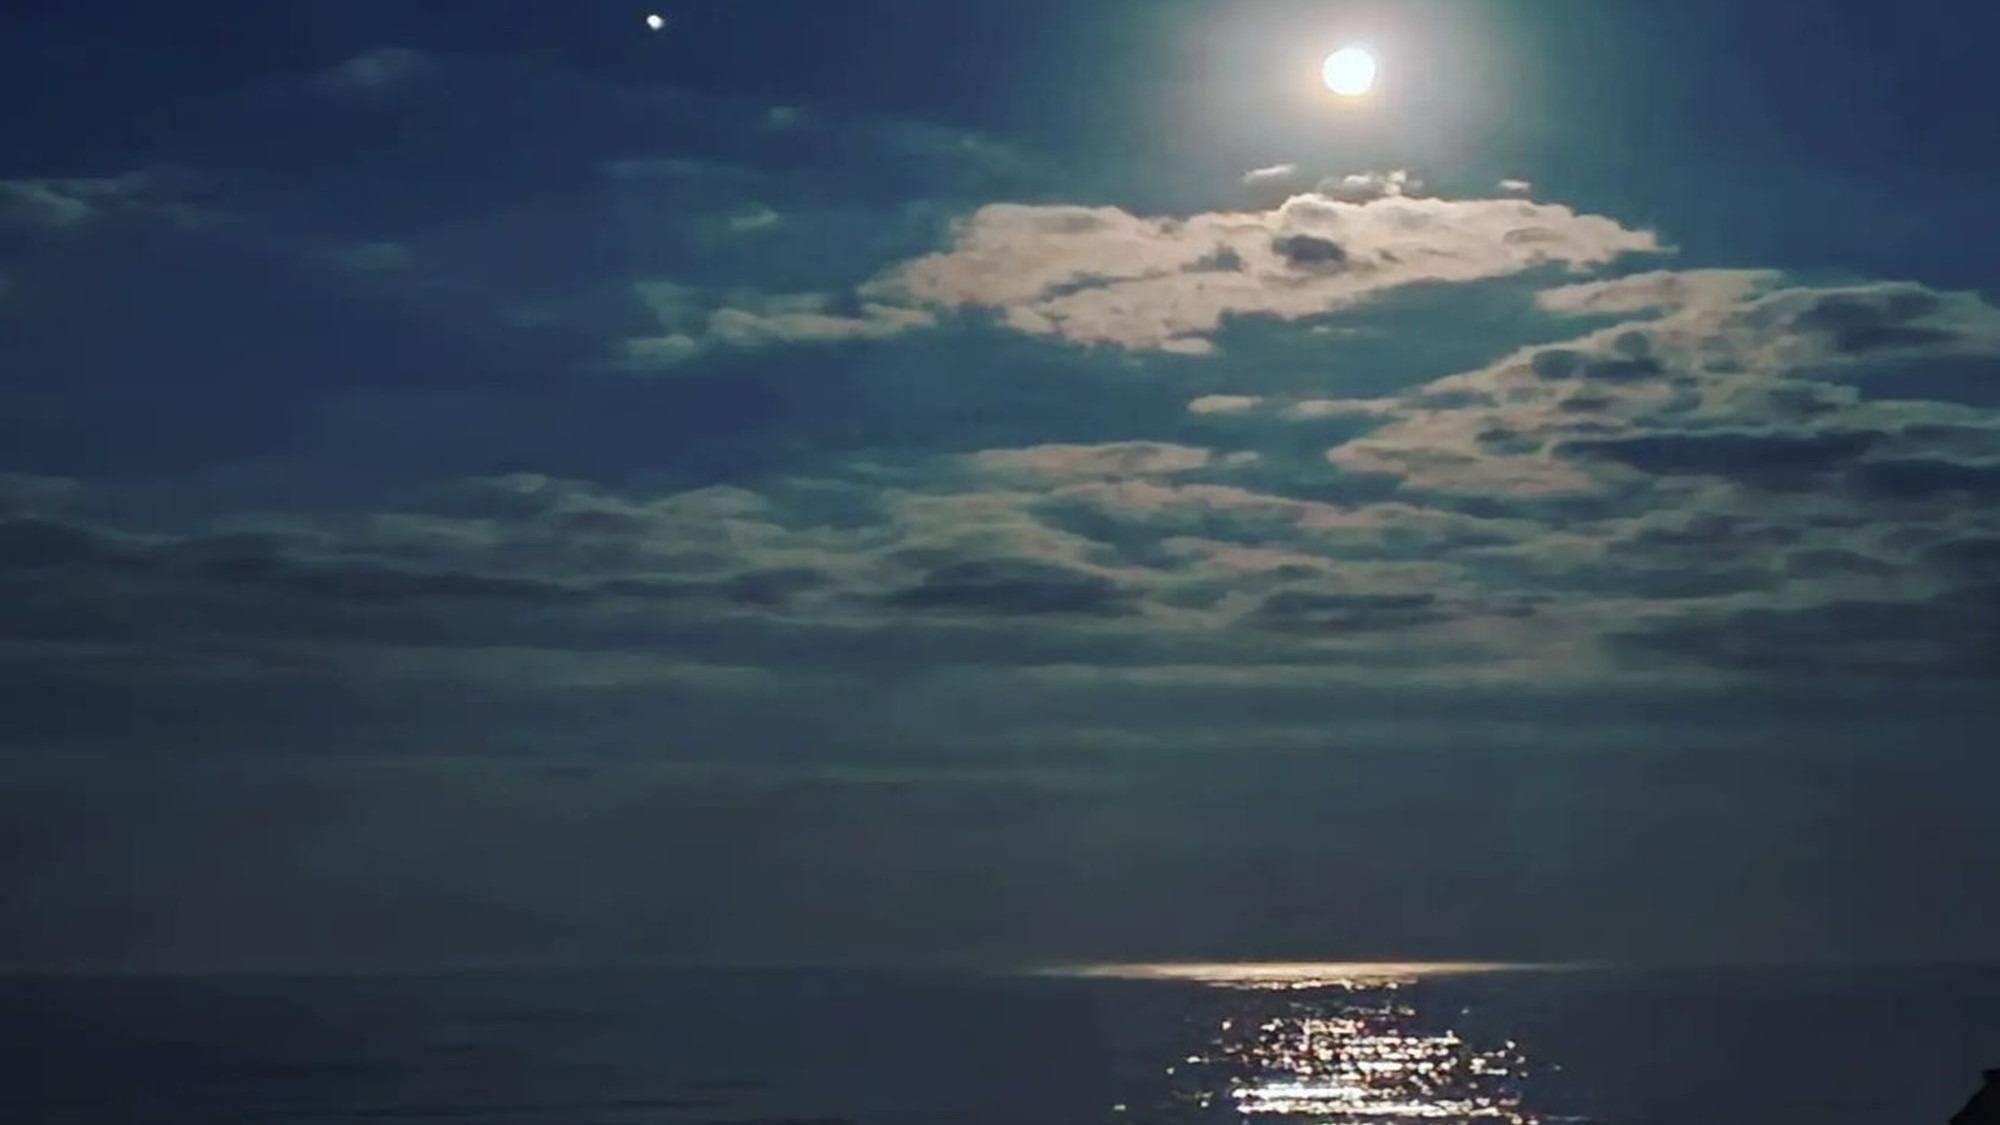 2021年9月NEW OPEN!隠れ家四季の月 グランピング【Vacation STAY提供】 image